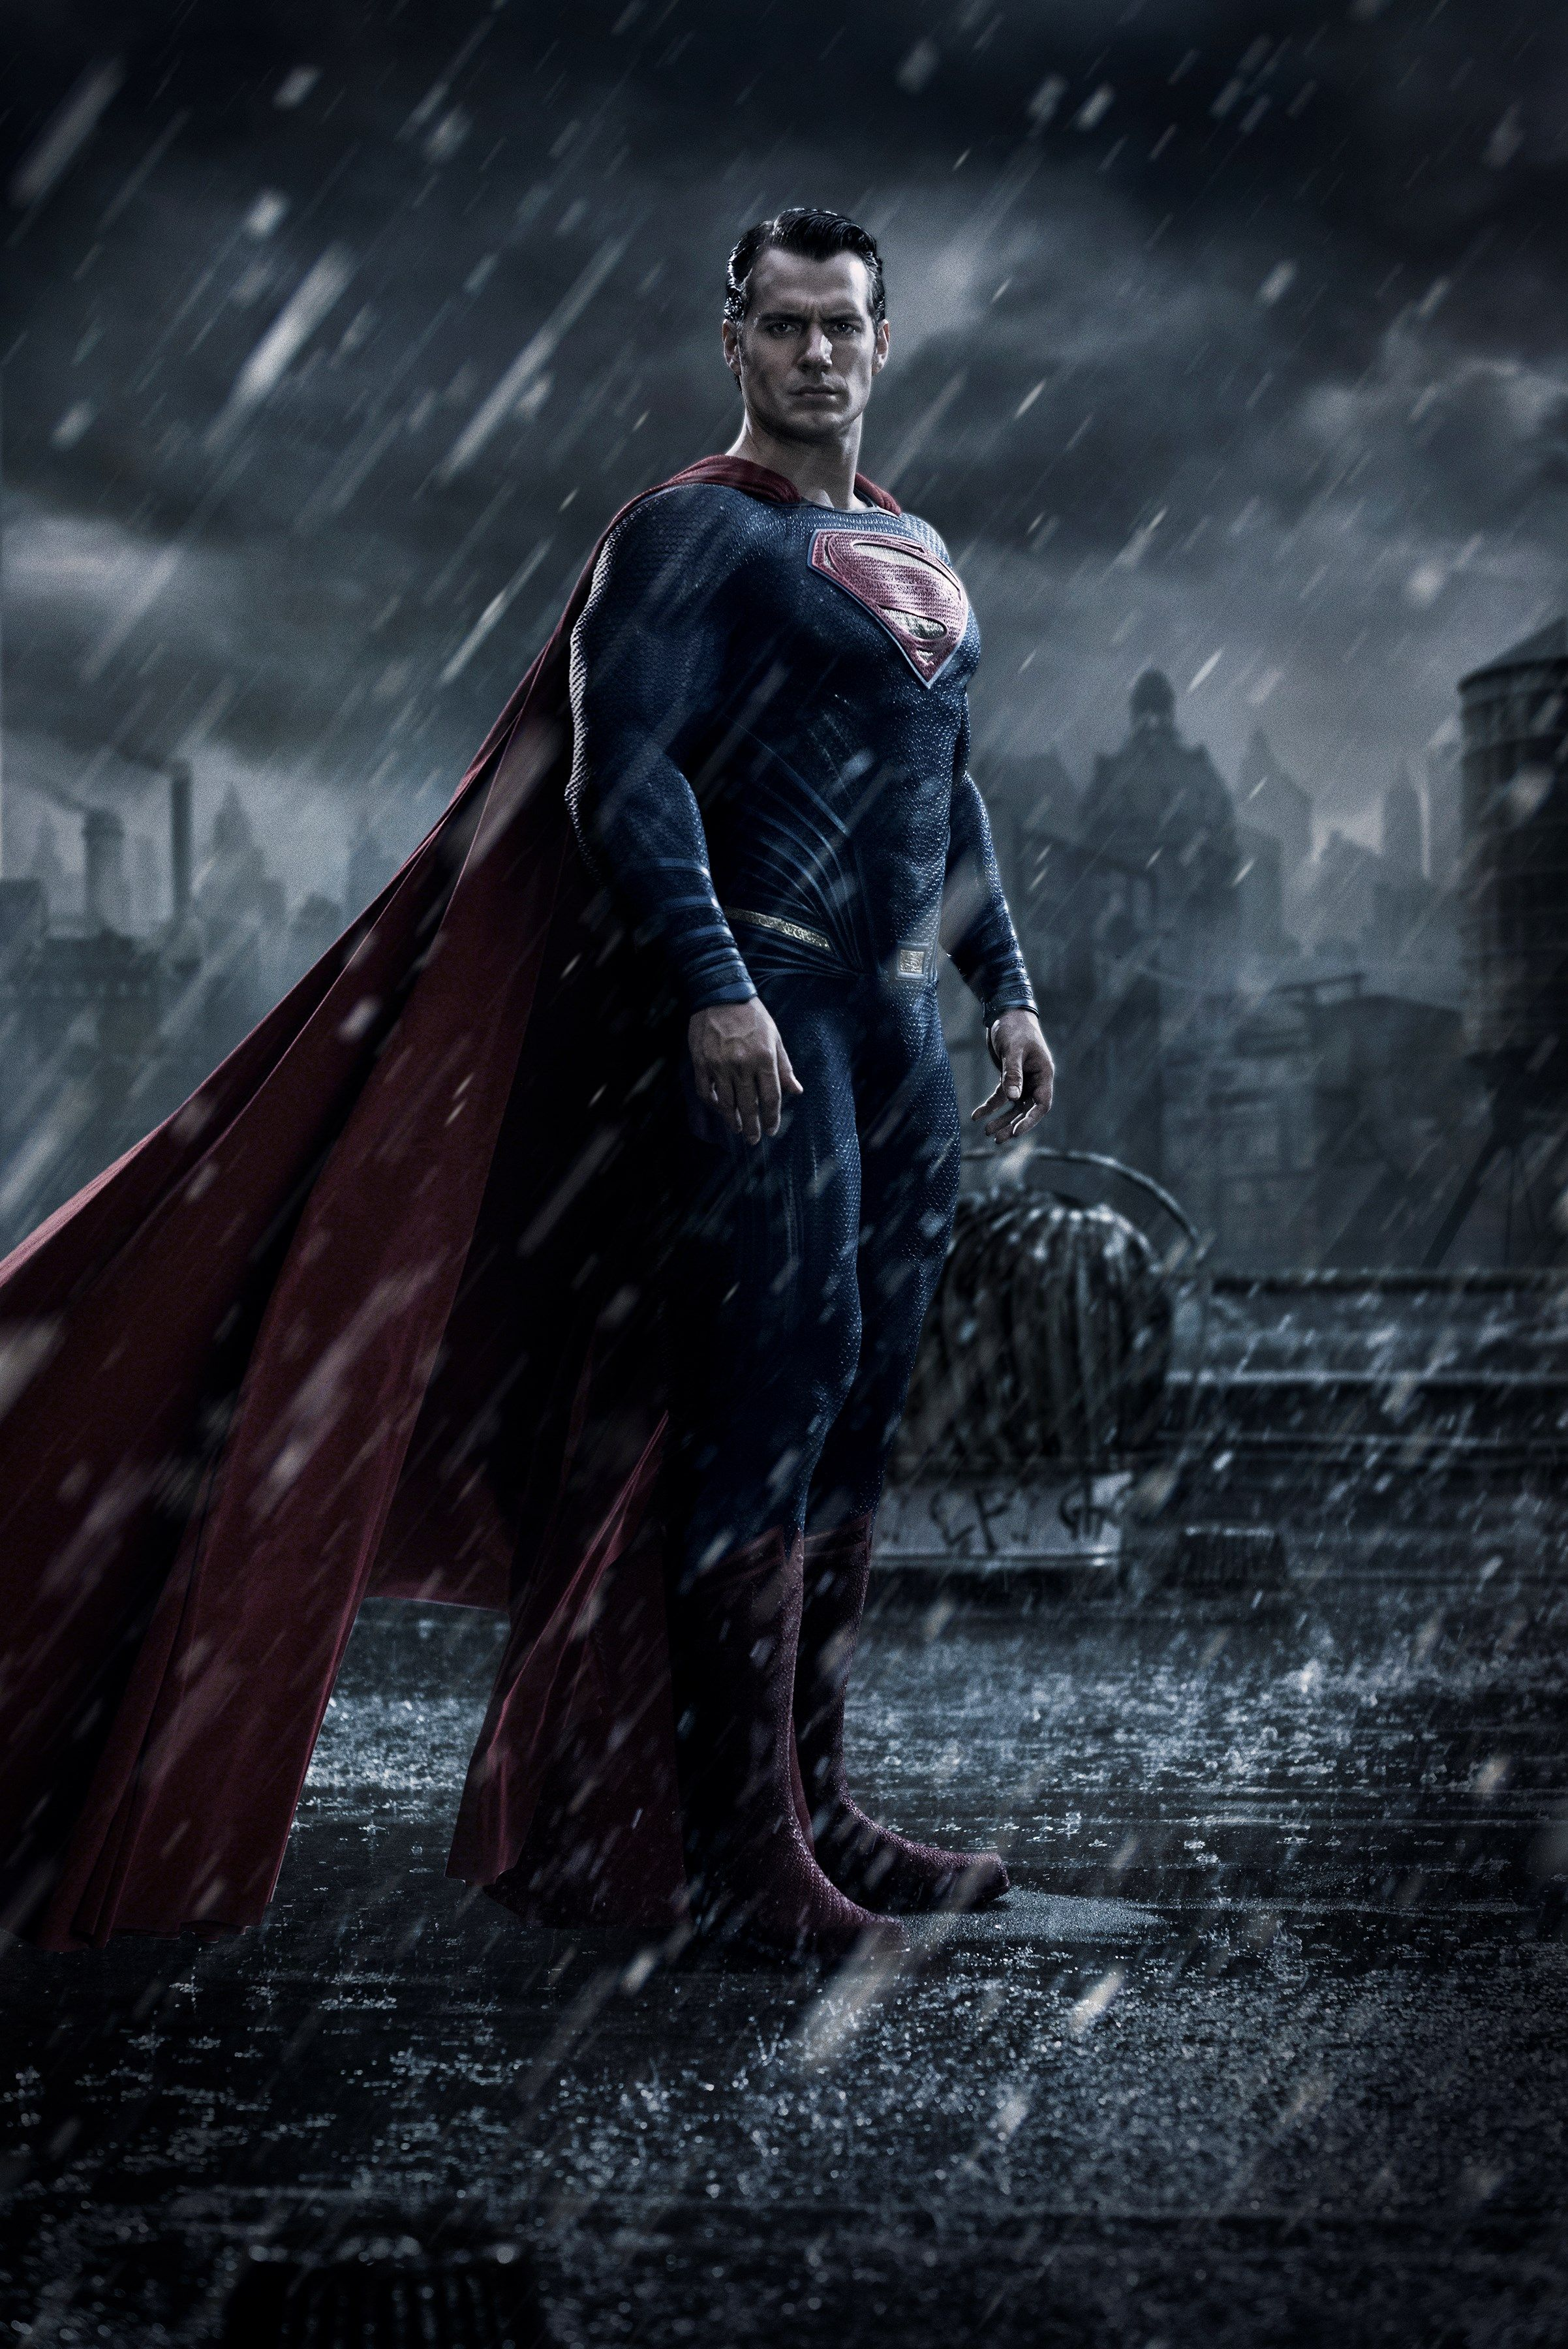 free computer batman vs superman picture, 266 kb - kingston mason